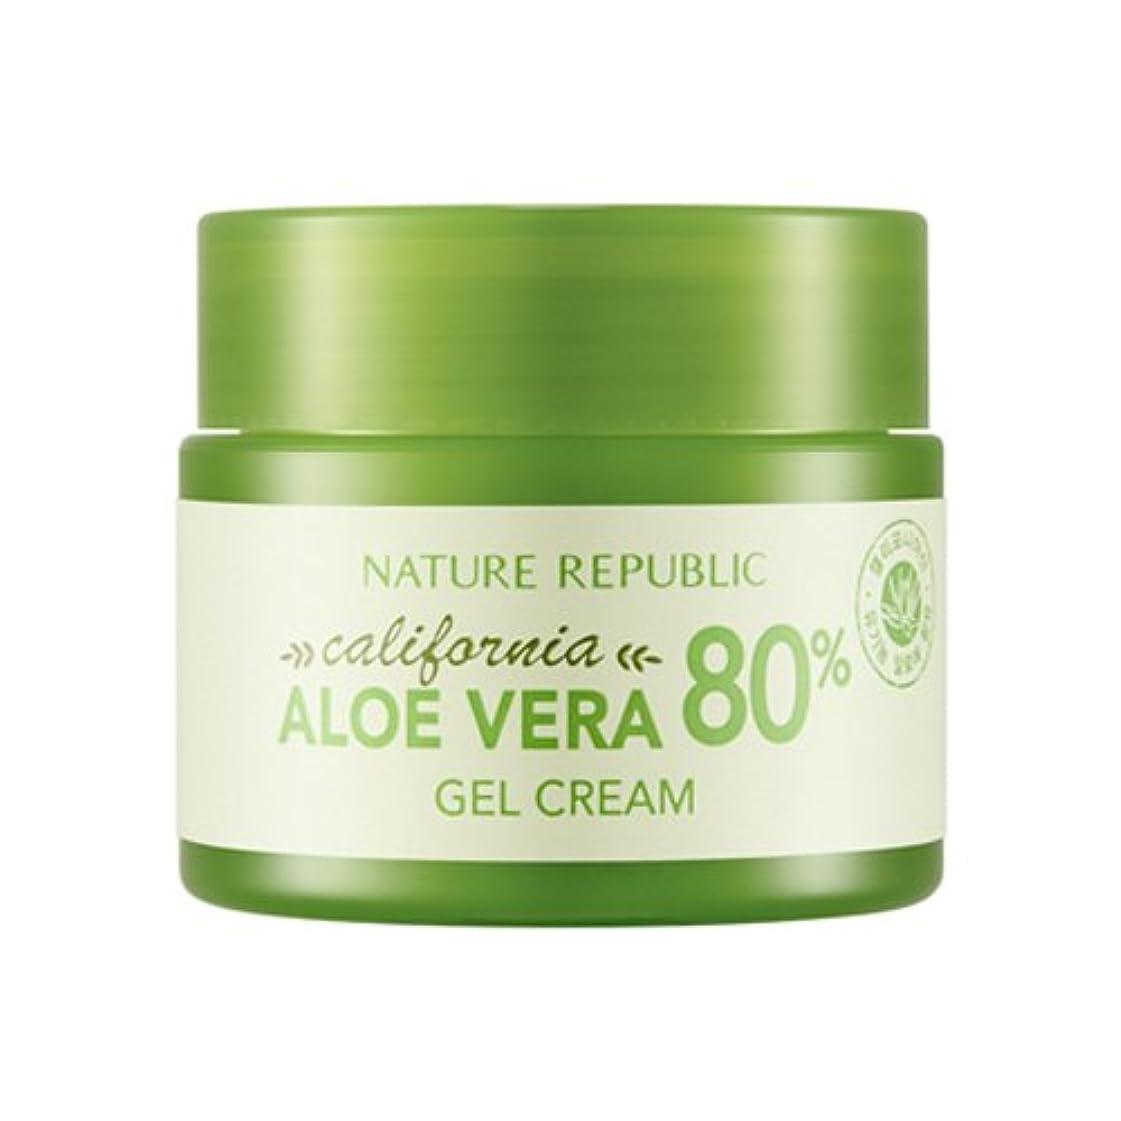 パイ埋めるスポンジ[ネイチャーリパブリック] Nature Republic カリフォルニアアロエベラ80%のゲルクリーム California Aloe Vera 80% Gel Cream [並行輸入品]